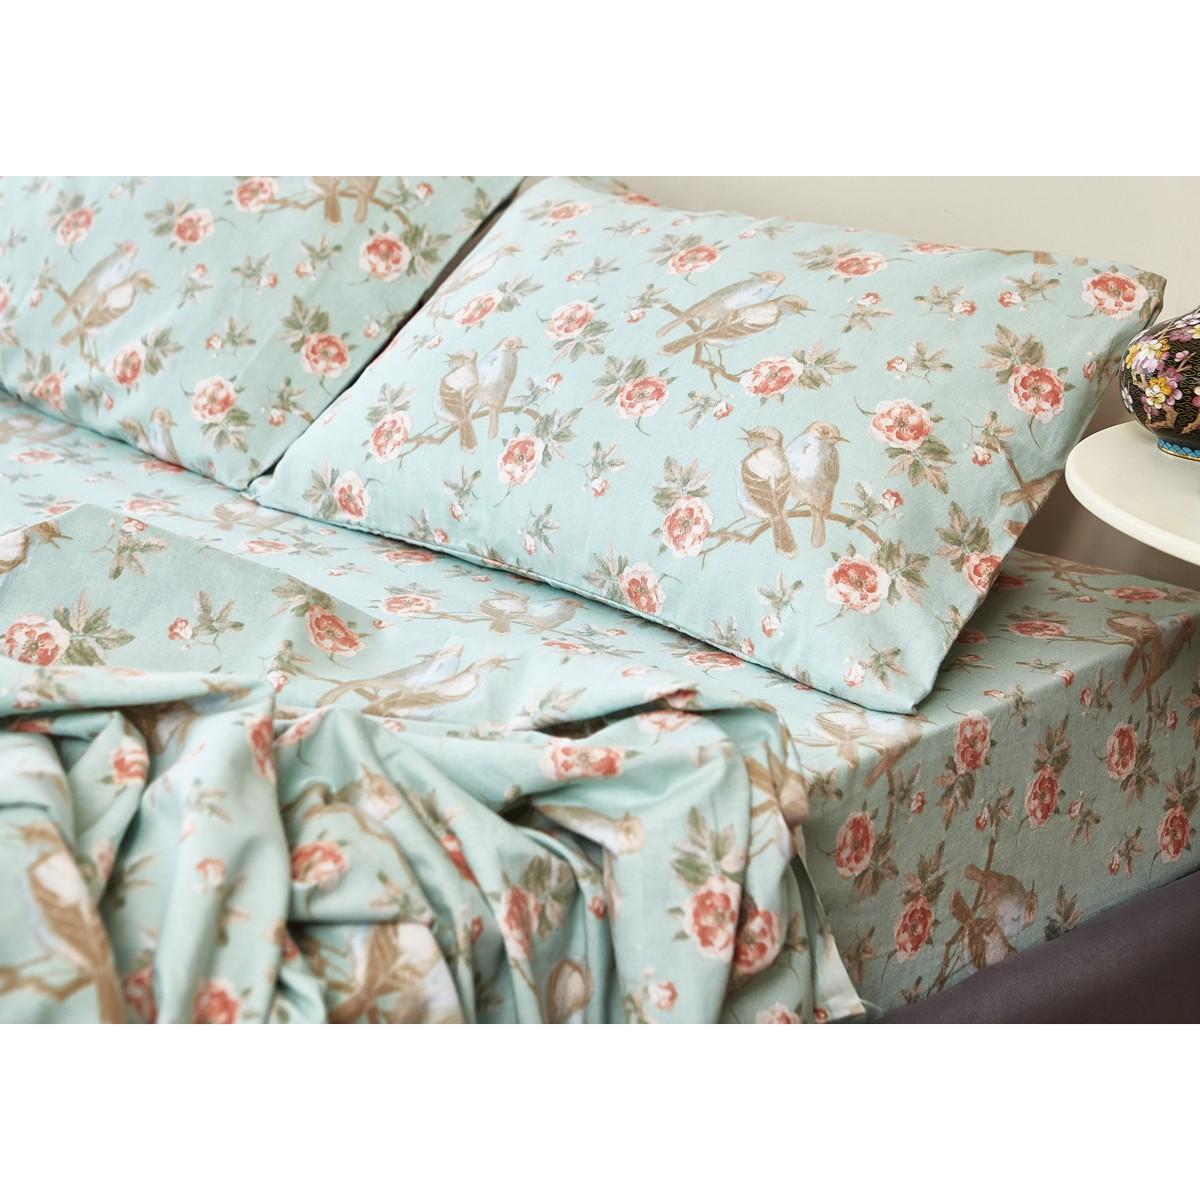 Φανελένια Σεντόνια Διπλά (Σετ) Melinen Laura Aqua home   κρεβατοκάμαρα   σεντόνια   σεντόνια ημίδιπλα   διπλά